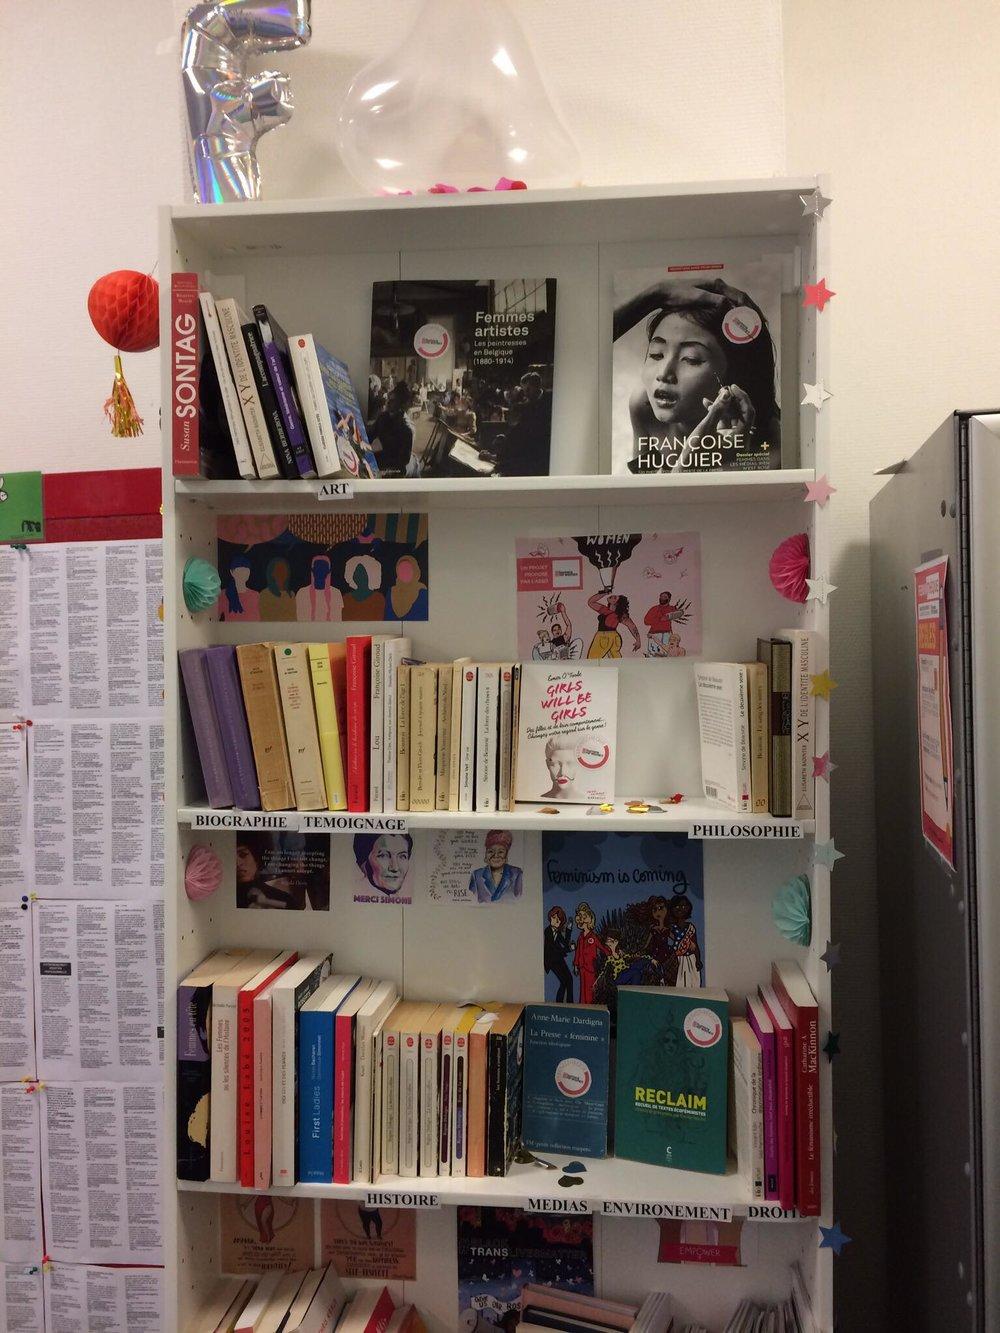 Notre Féministhèque - Exclusivement fournie en ouvrages féministes de tous les horizons, la Féministhèque est l'aboutissement d'un long travail de collecte, tri, recensement des livres qui la composent, pour permettre à toutes et à tous d'en profiter librement.INFOS PRATIQUES : MIE Bastille. 50 rue des Tournelles, 75003 Ouvert du lundi au vendredi de10h à 22h et le samedi de 10h à 19h.